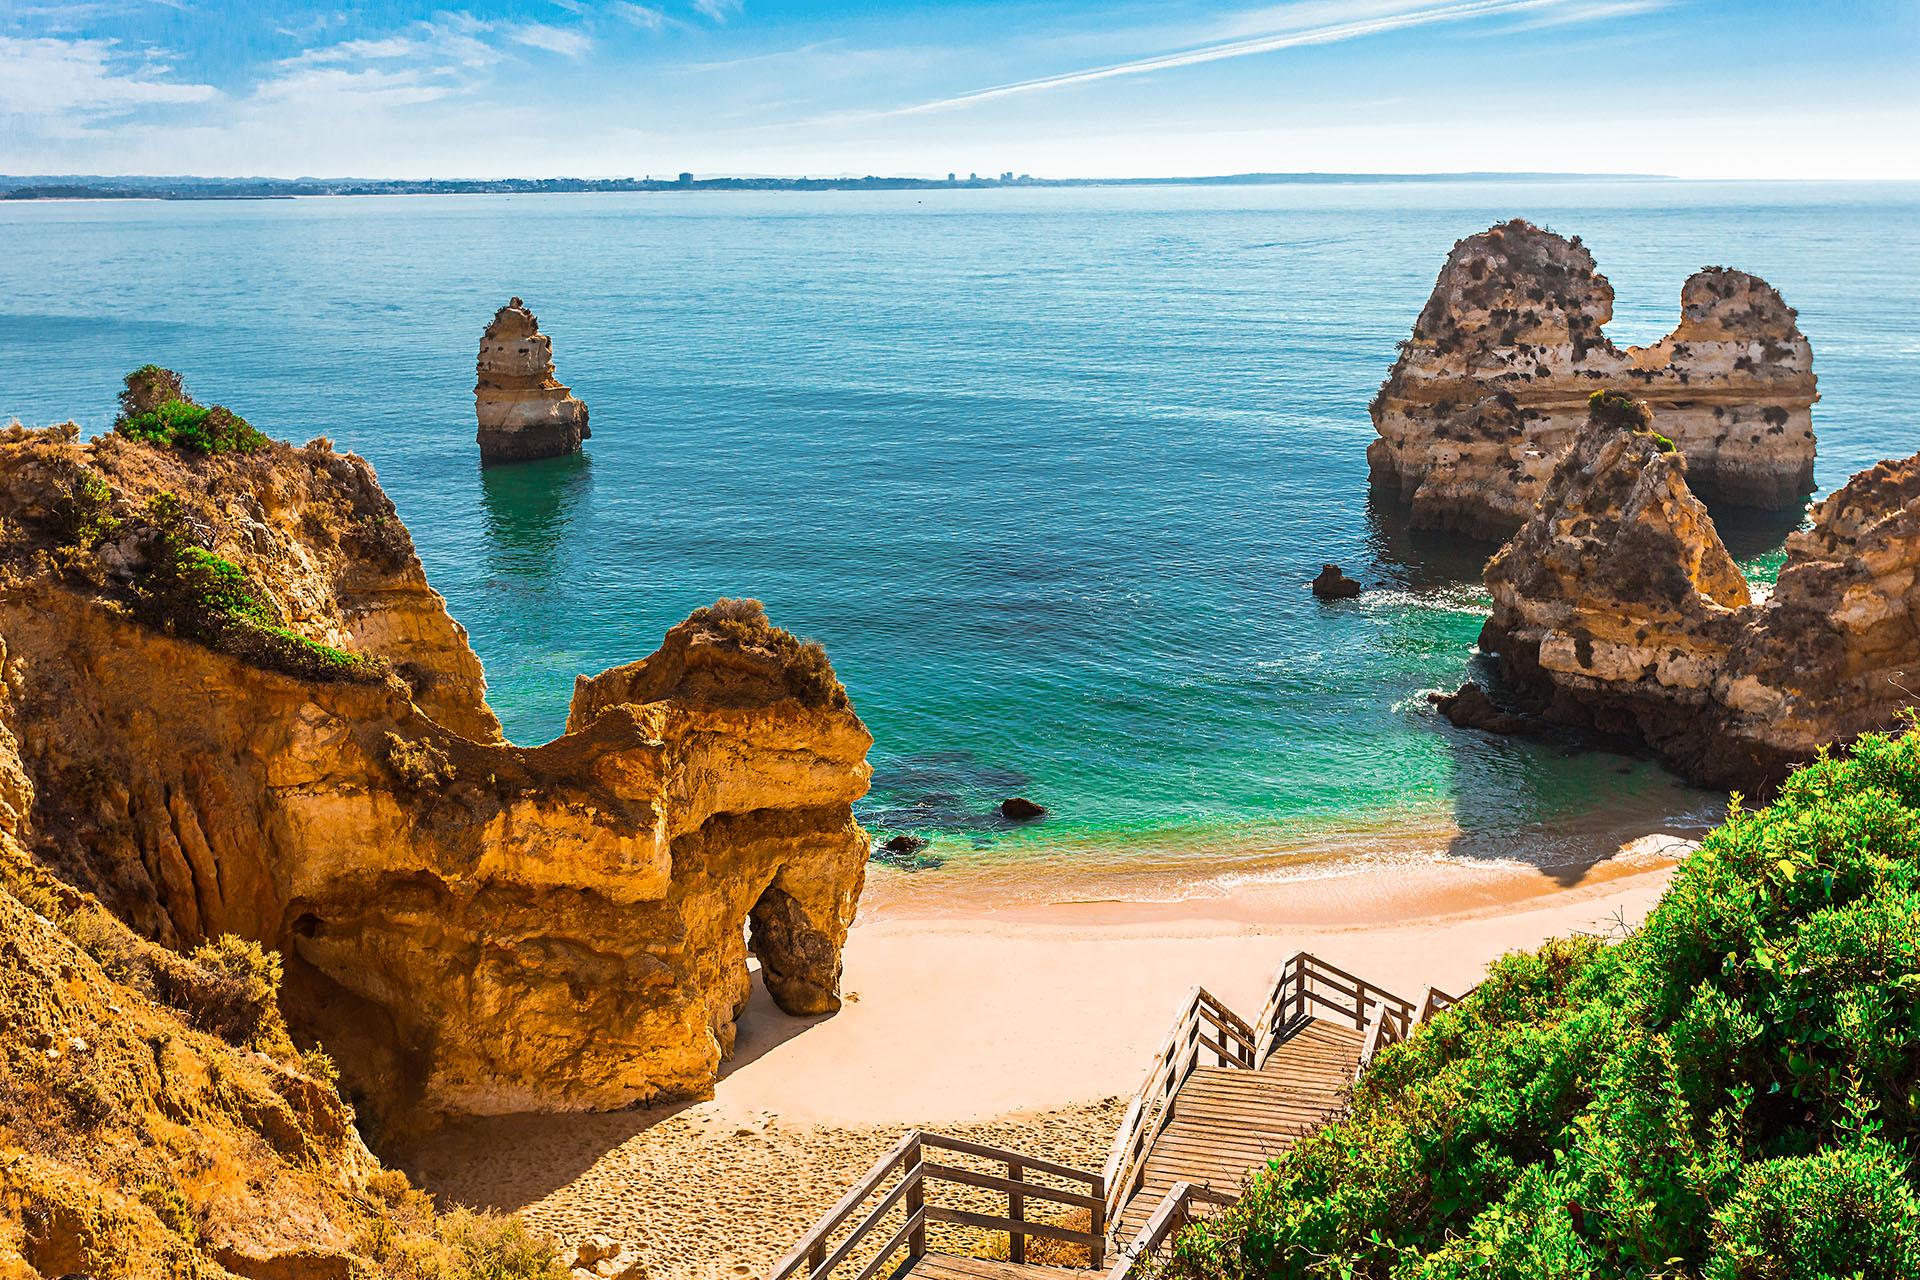 En Portugal, se encuentra uno de los lugares más impresionantes, luego de bajar los 200 escalones de madera que se extienden a lo largo de los acantilados para llegar a esta playa de arena dorada y agua turquesa